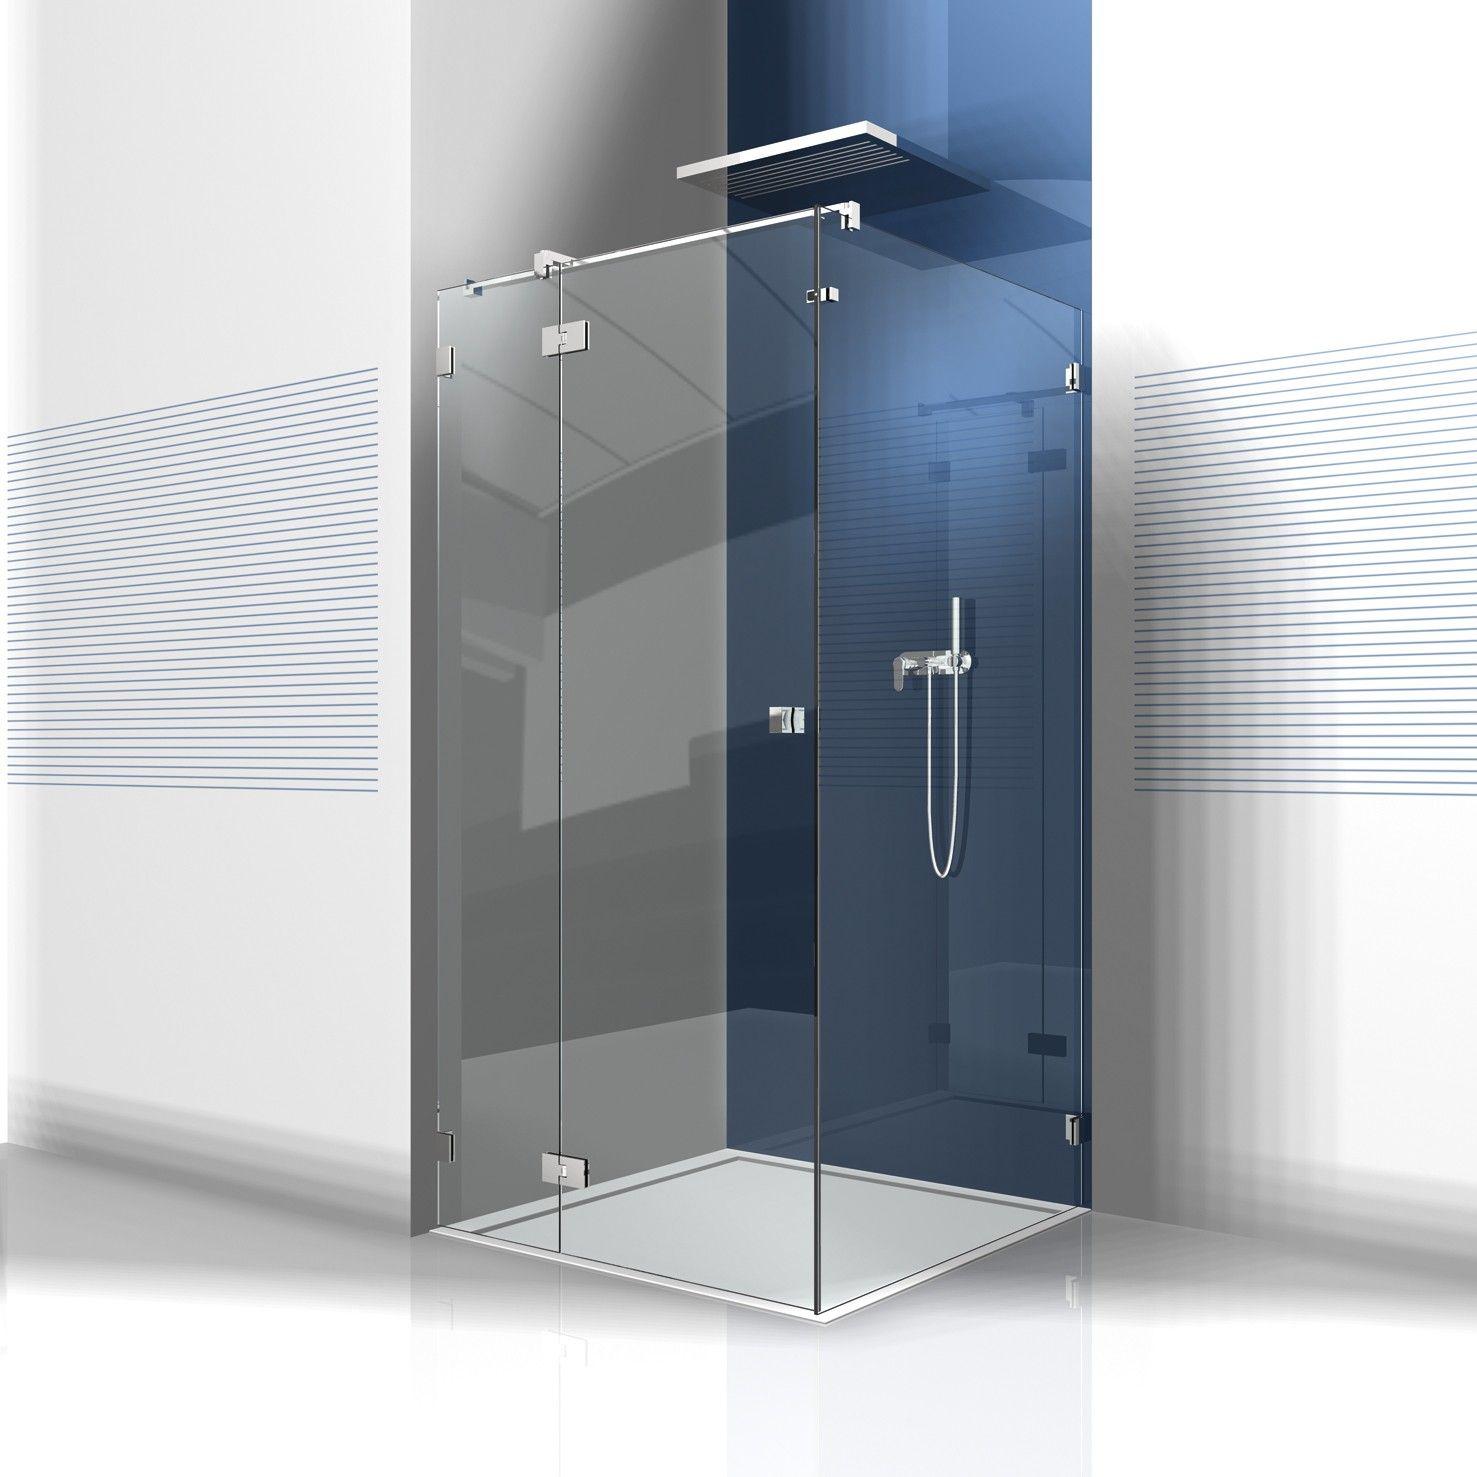 douchewand ook melkglas te koop | badkamer | pinterest | bathroom, Badkamer